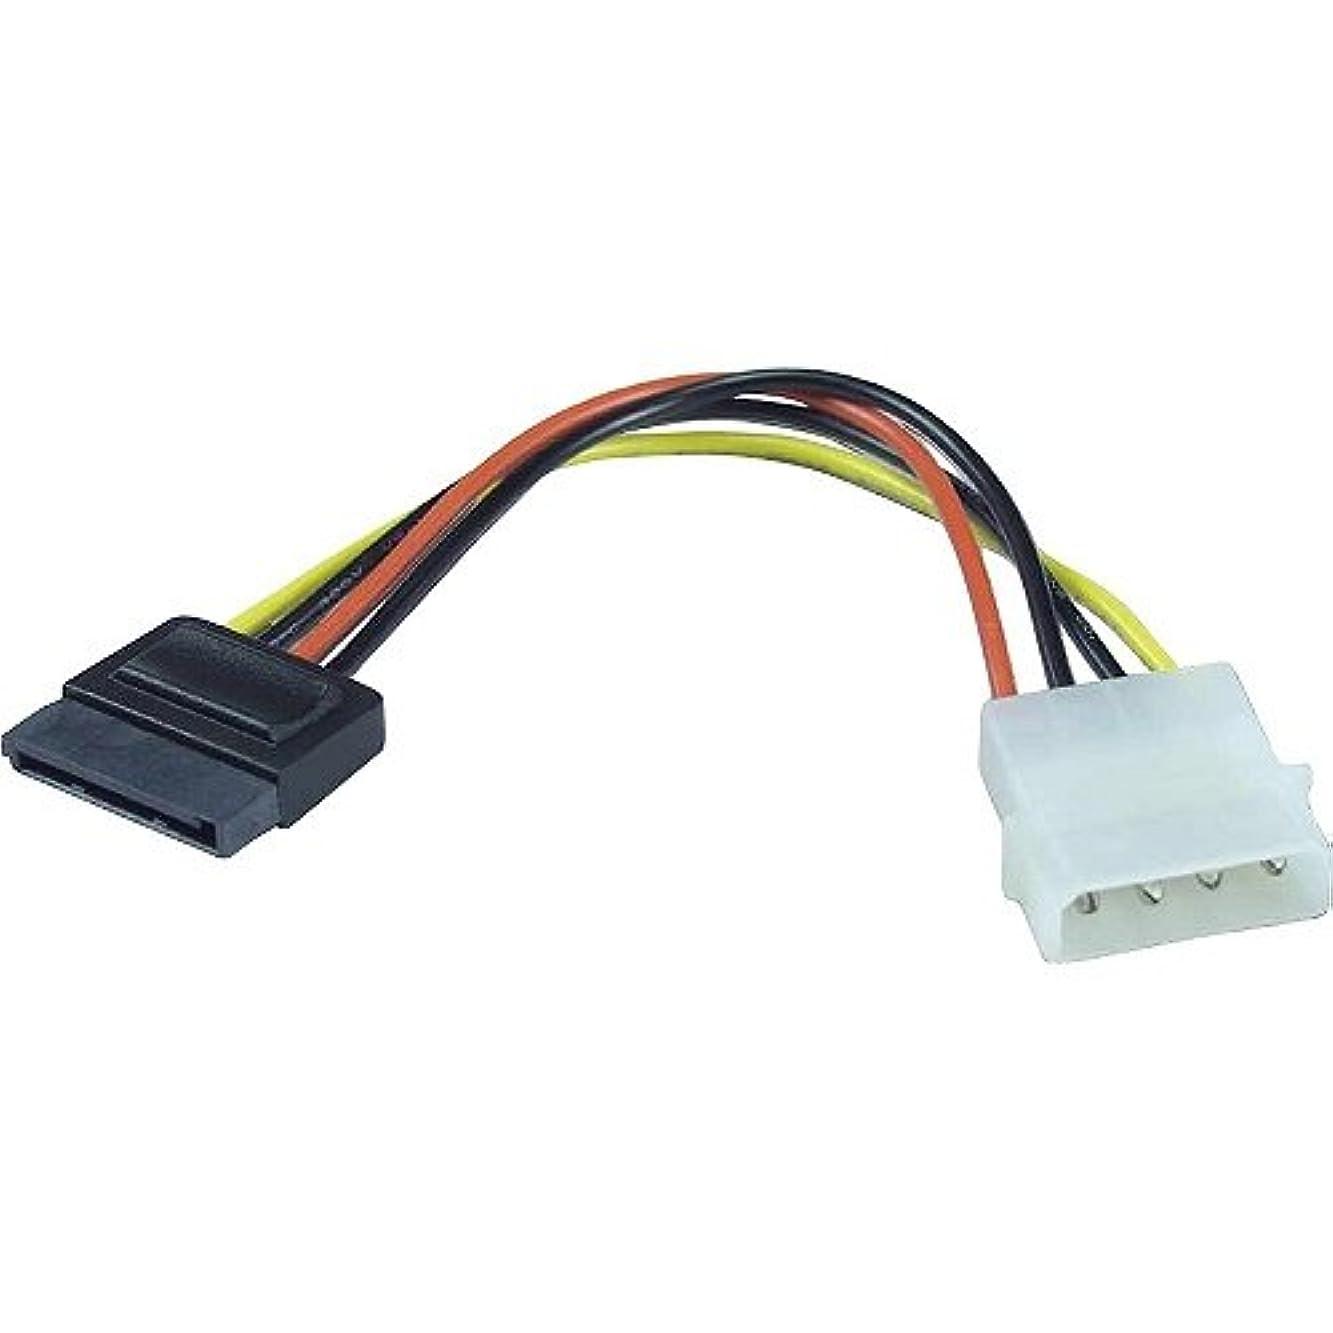 トチの実の木買収ローラーQVS satap-06シリアルATAドライブに電源コネクタAdaptor